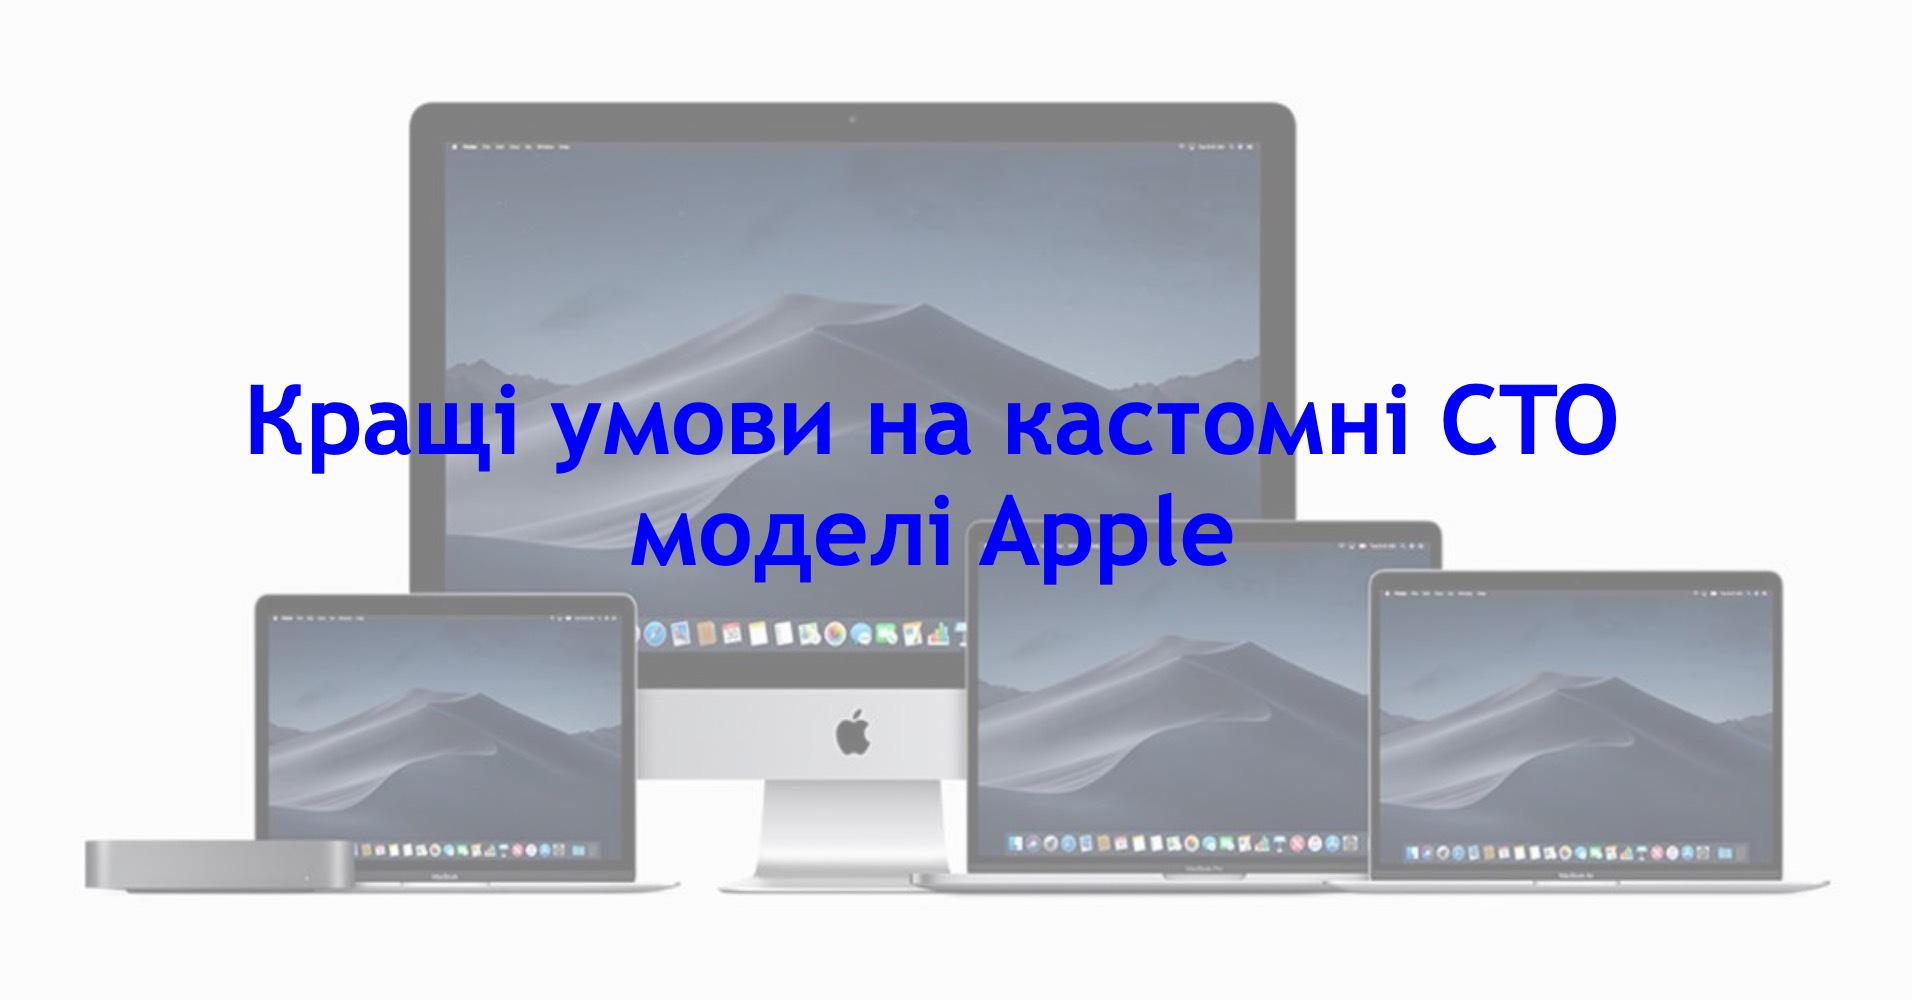 Спеціальні умови на придбання кастомних (CTO) моделей Apple